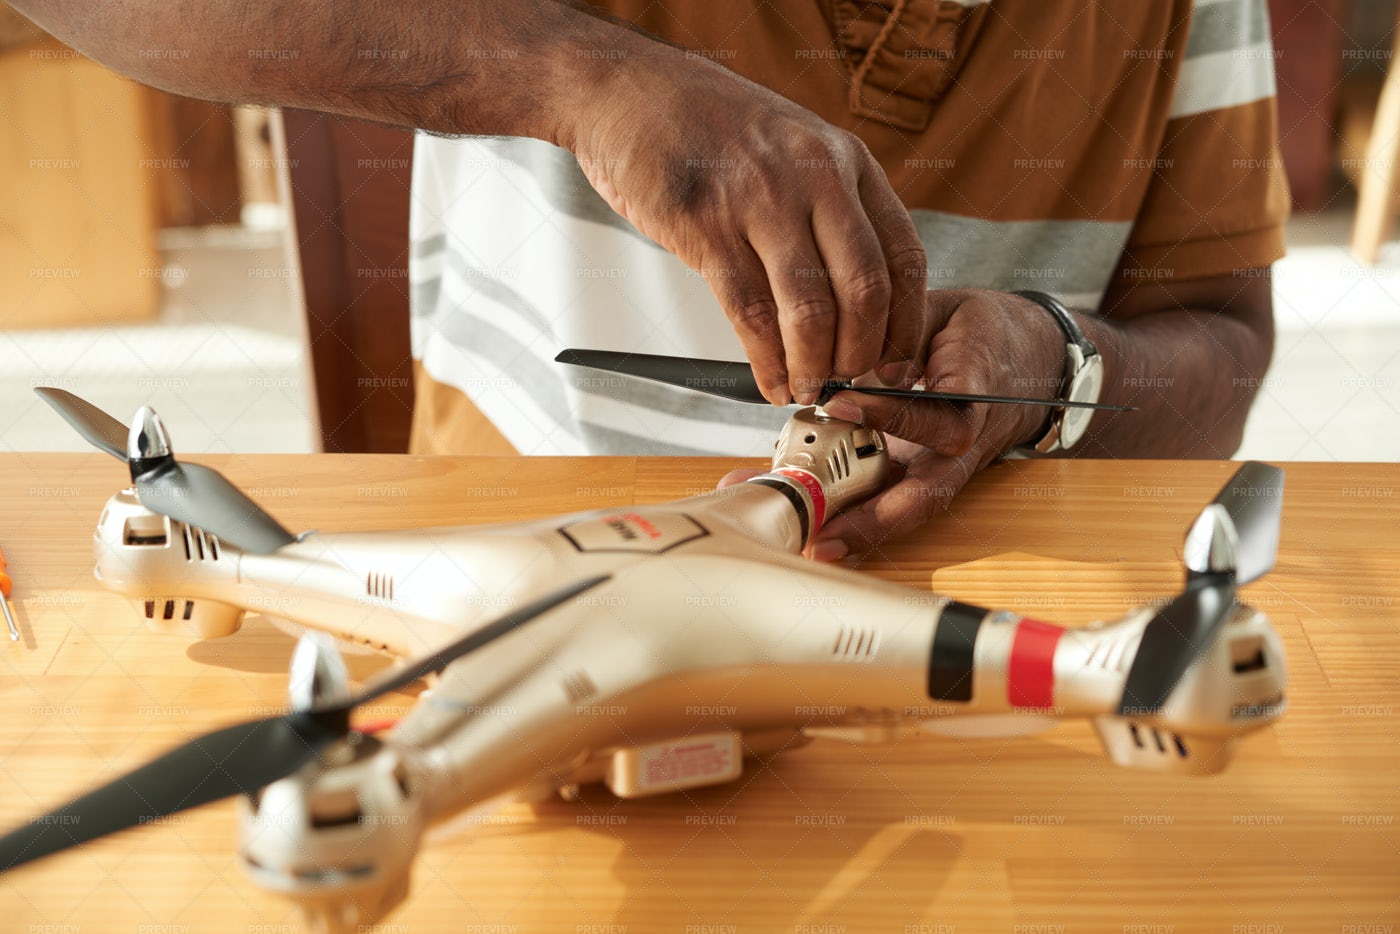 Man Fixing Drone Propeller: Stock Photos